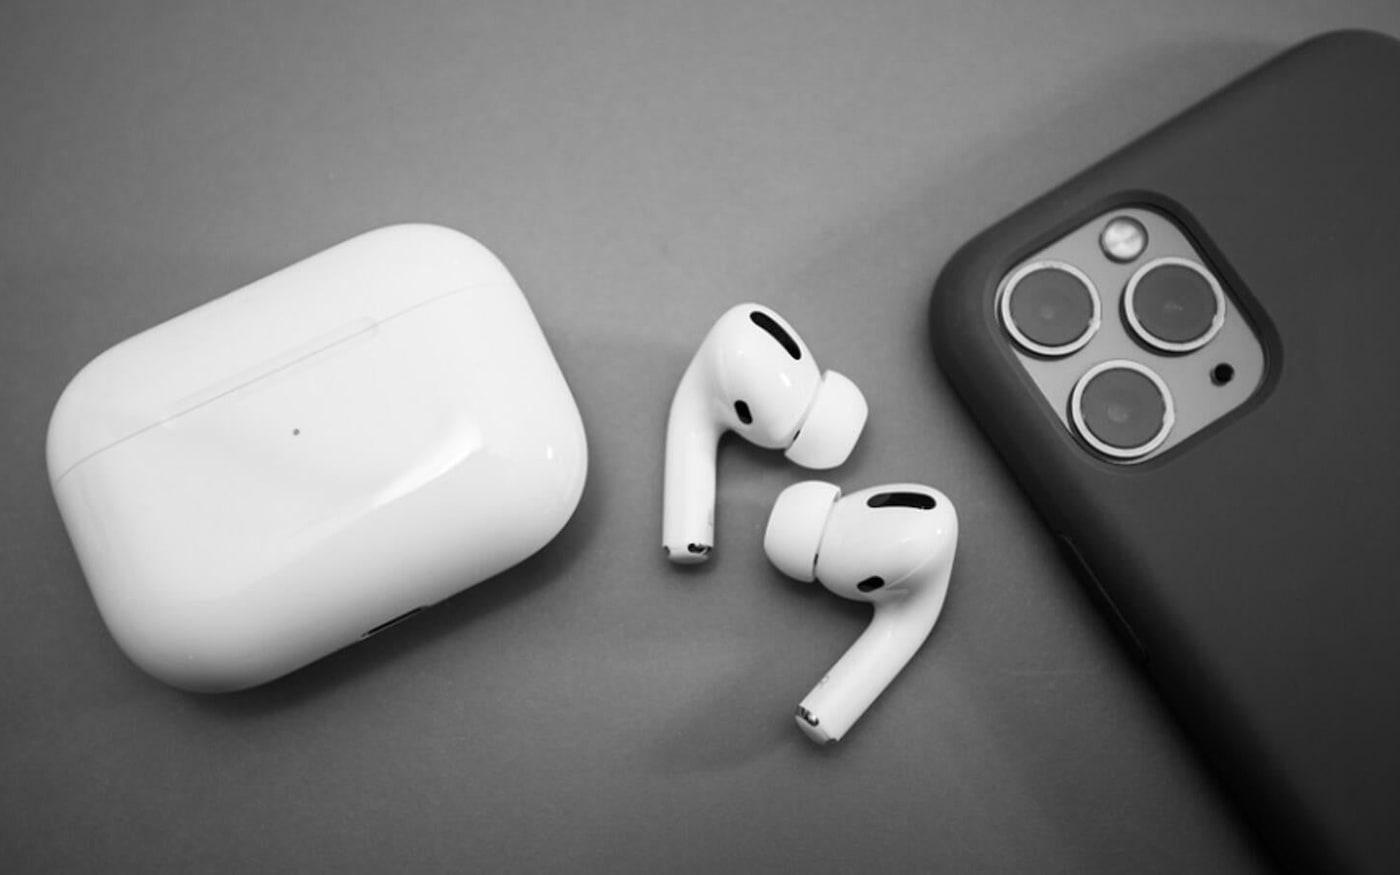 AirPods Pro ja iPhone 11 on Coronaviiruse tõttu vähendanud tootmist